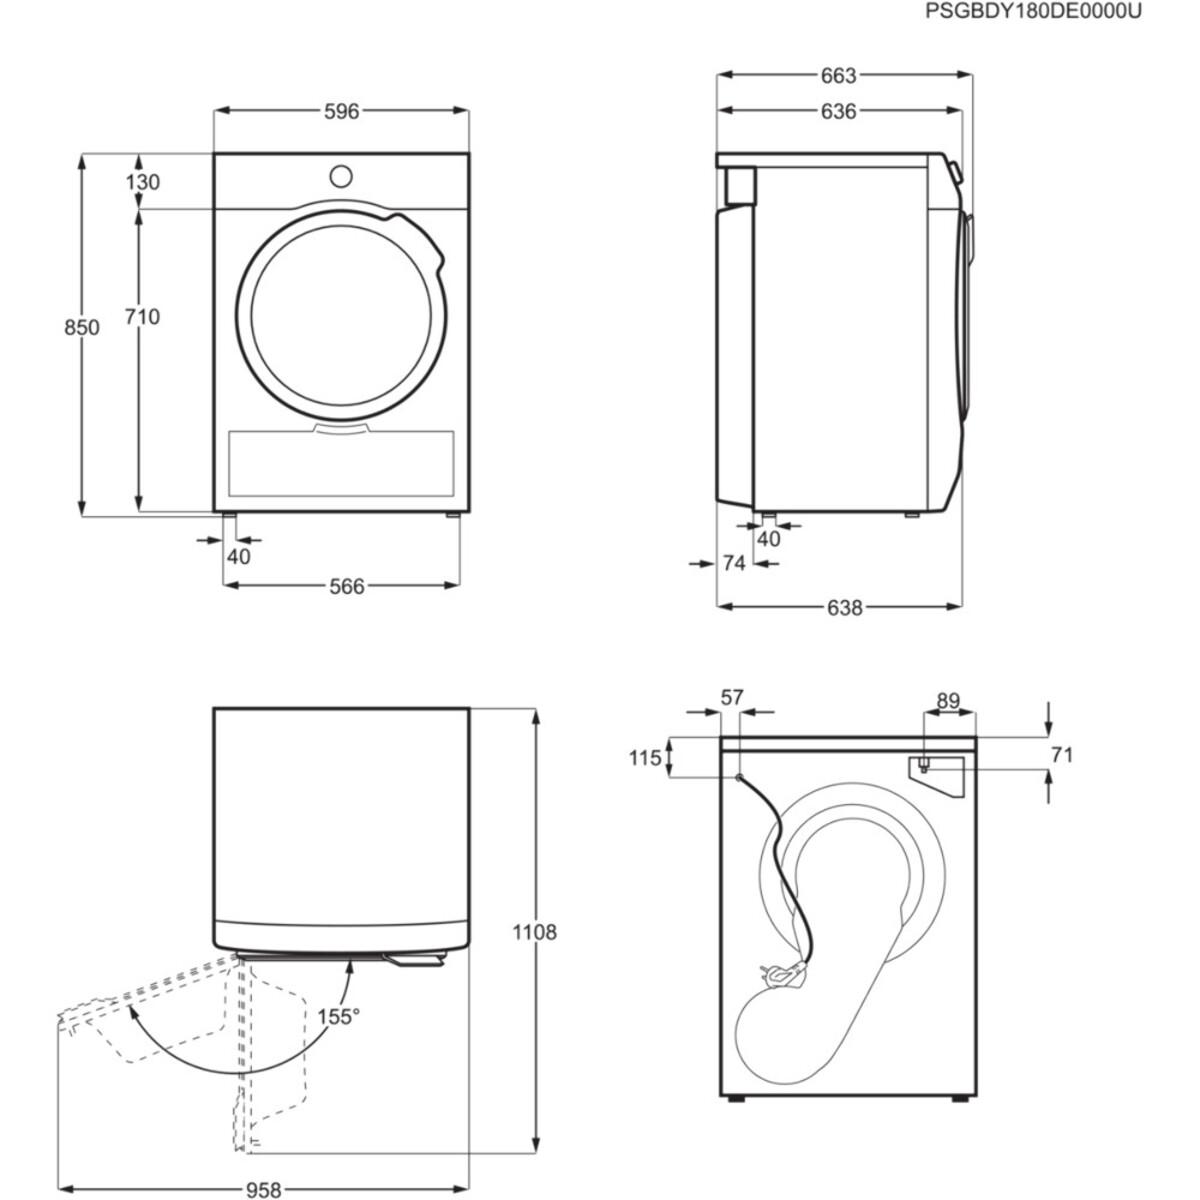 Bild 4 von AEG T9ECOWP Wäschetrockner (Kondensation, Wärmepumpe, freistehend, A+++, 8 kg, Serie 9000)